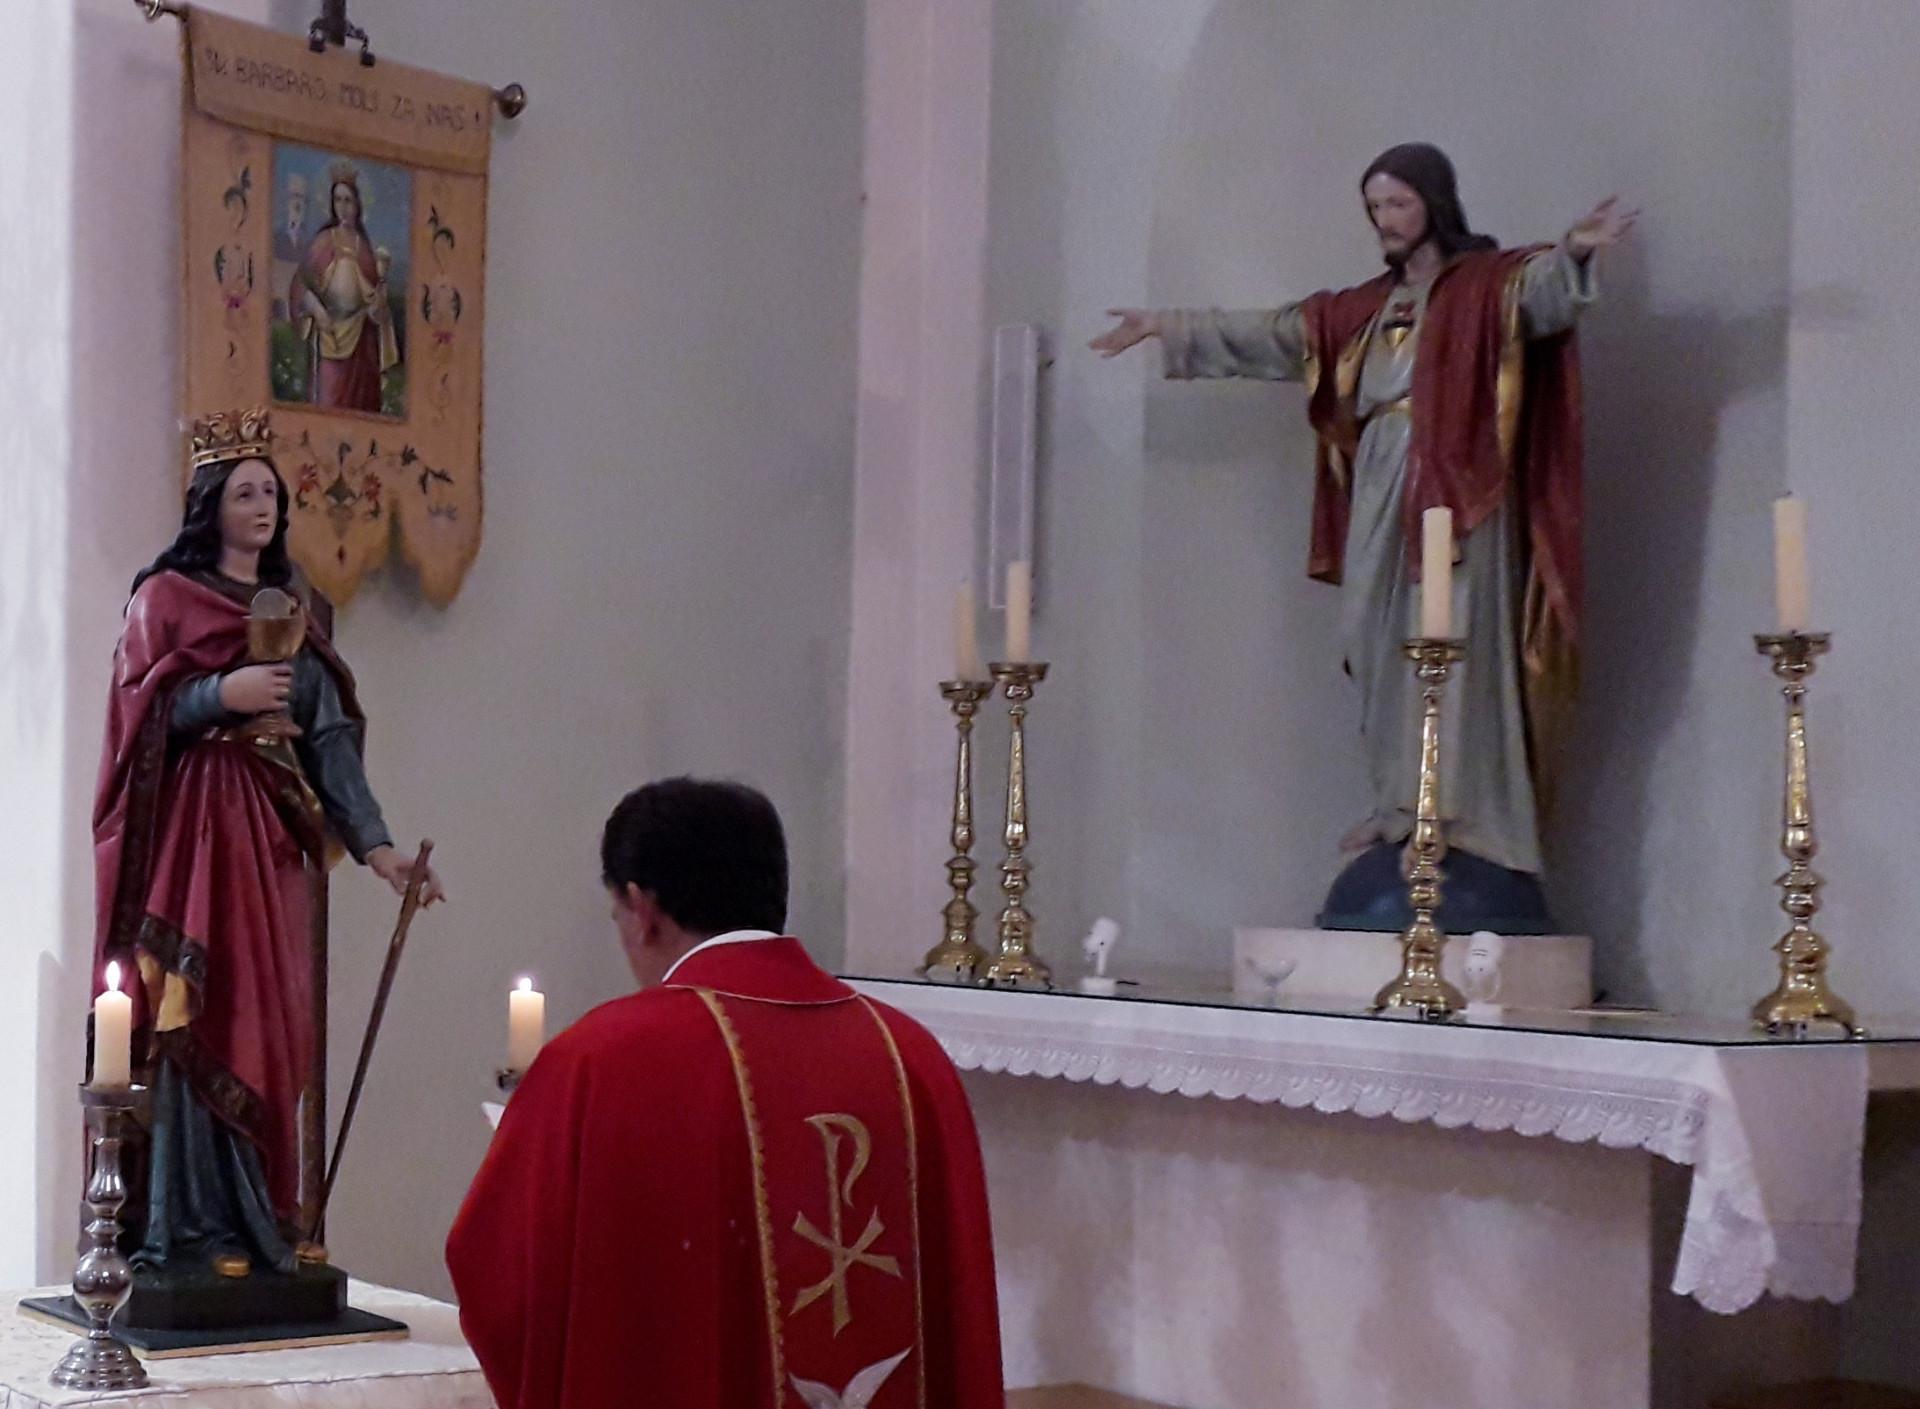 Blagdan sv. Barbare proslavljen u Kominu - IKA